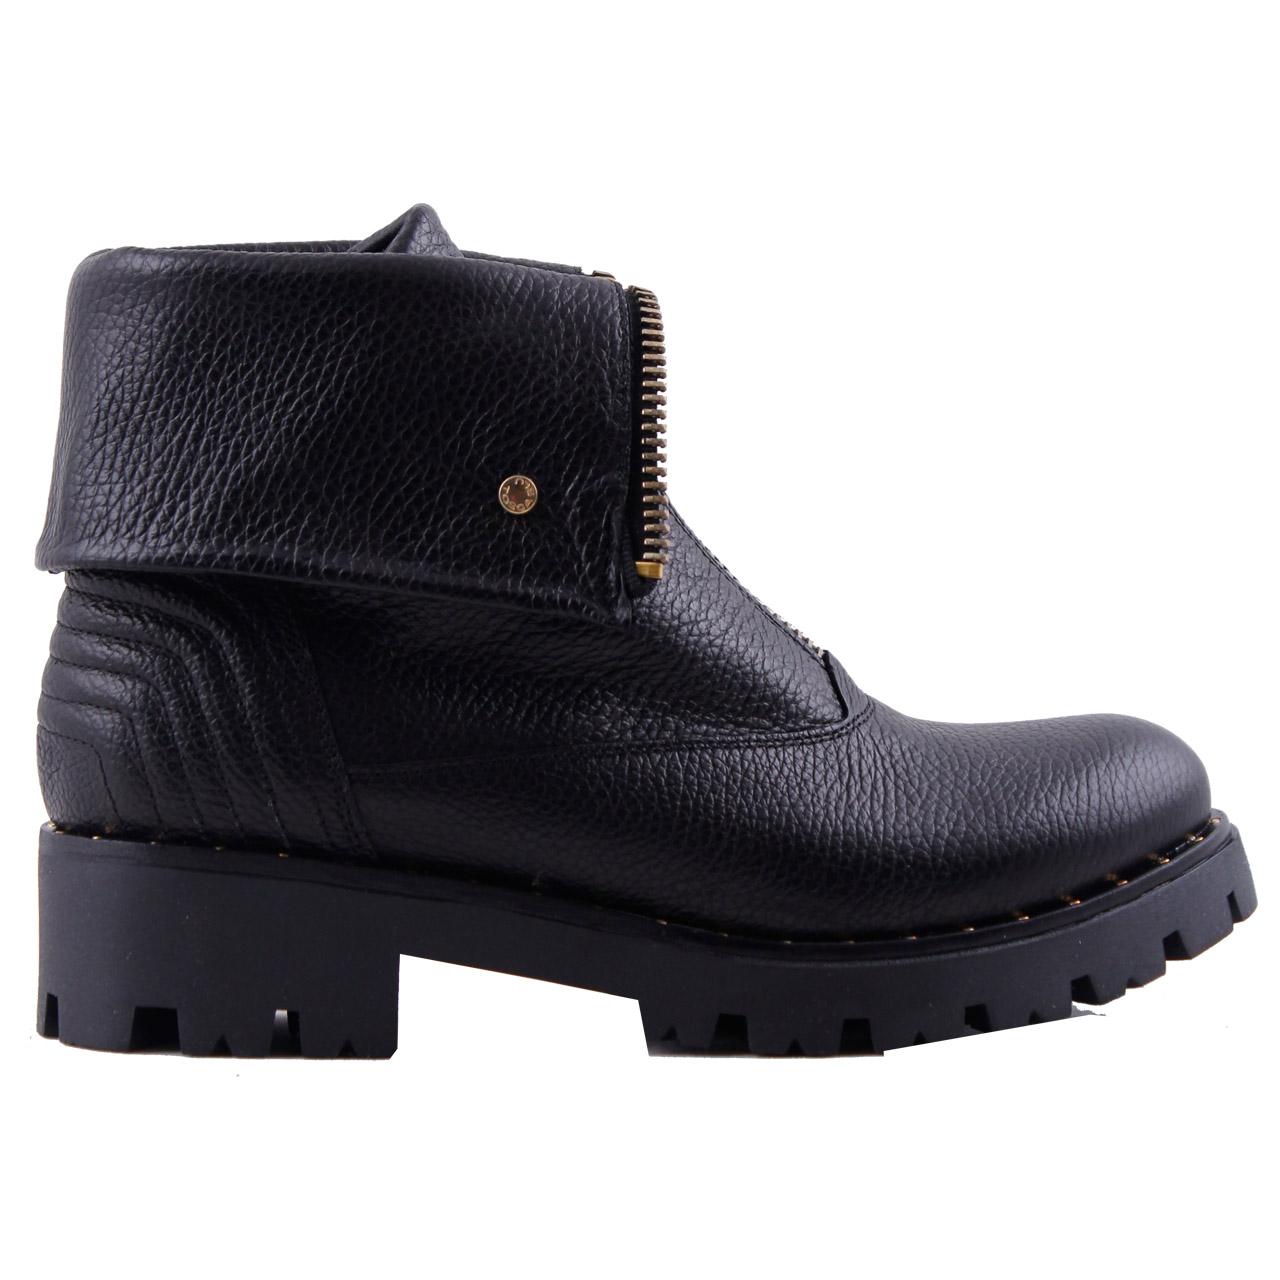 Chaussures Zwarte Tosca Blu Bottes De Motard Sf1713s244 KD5cMJLXm